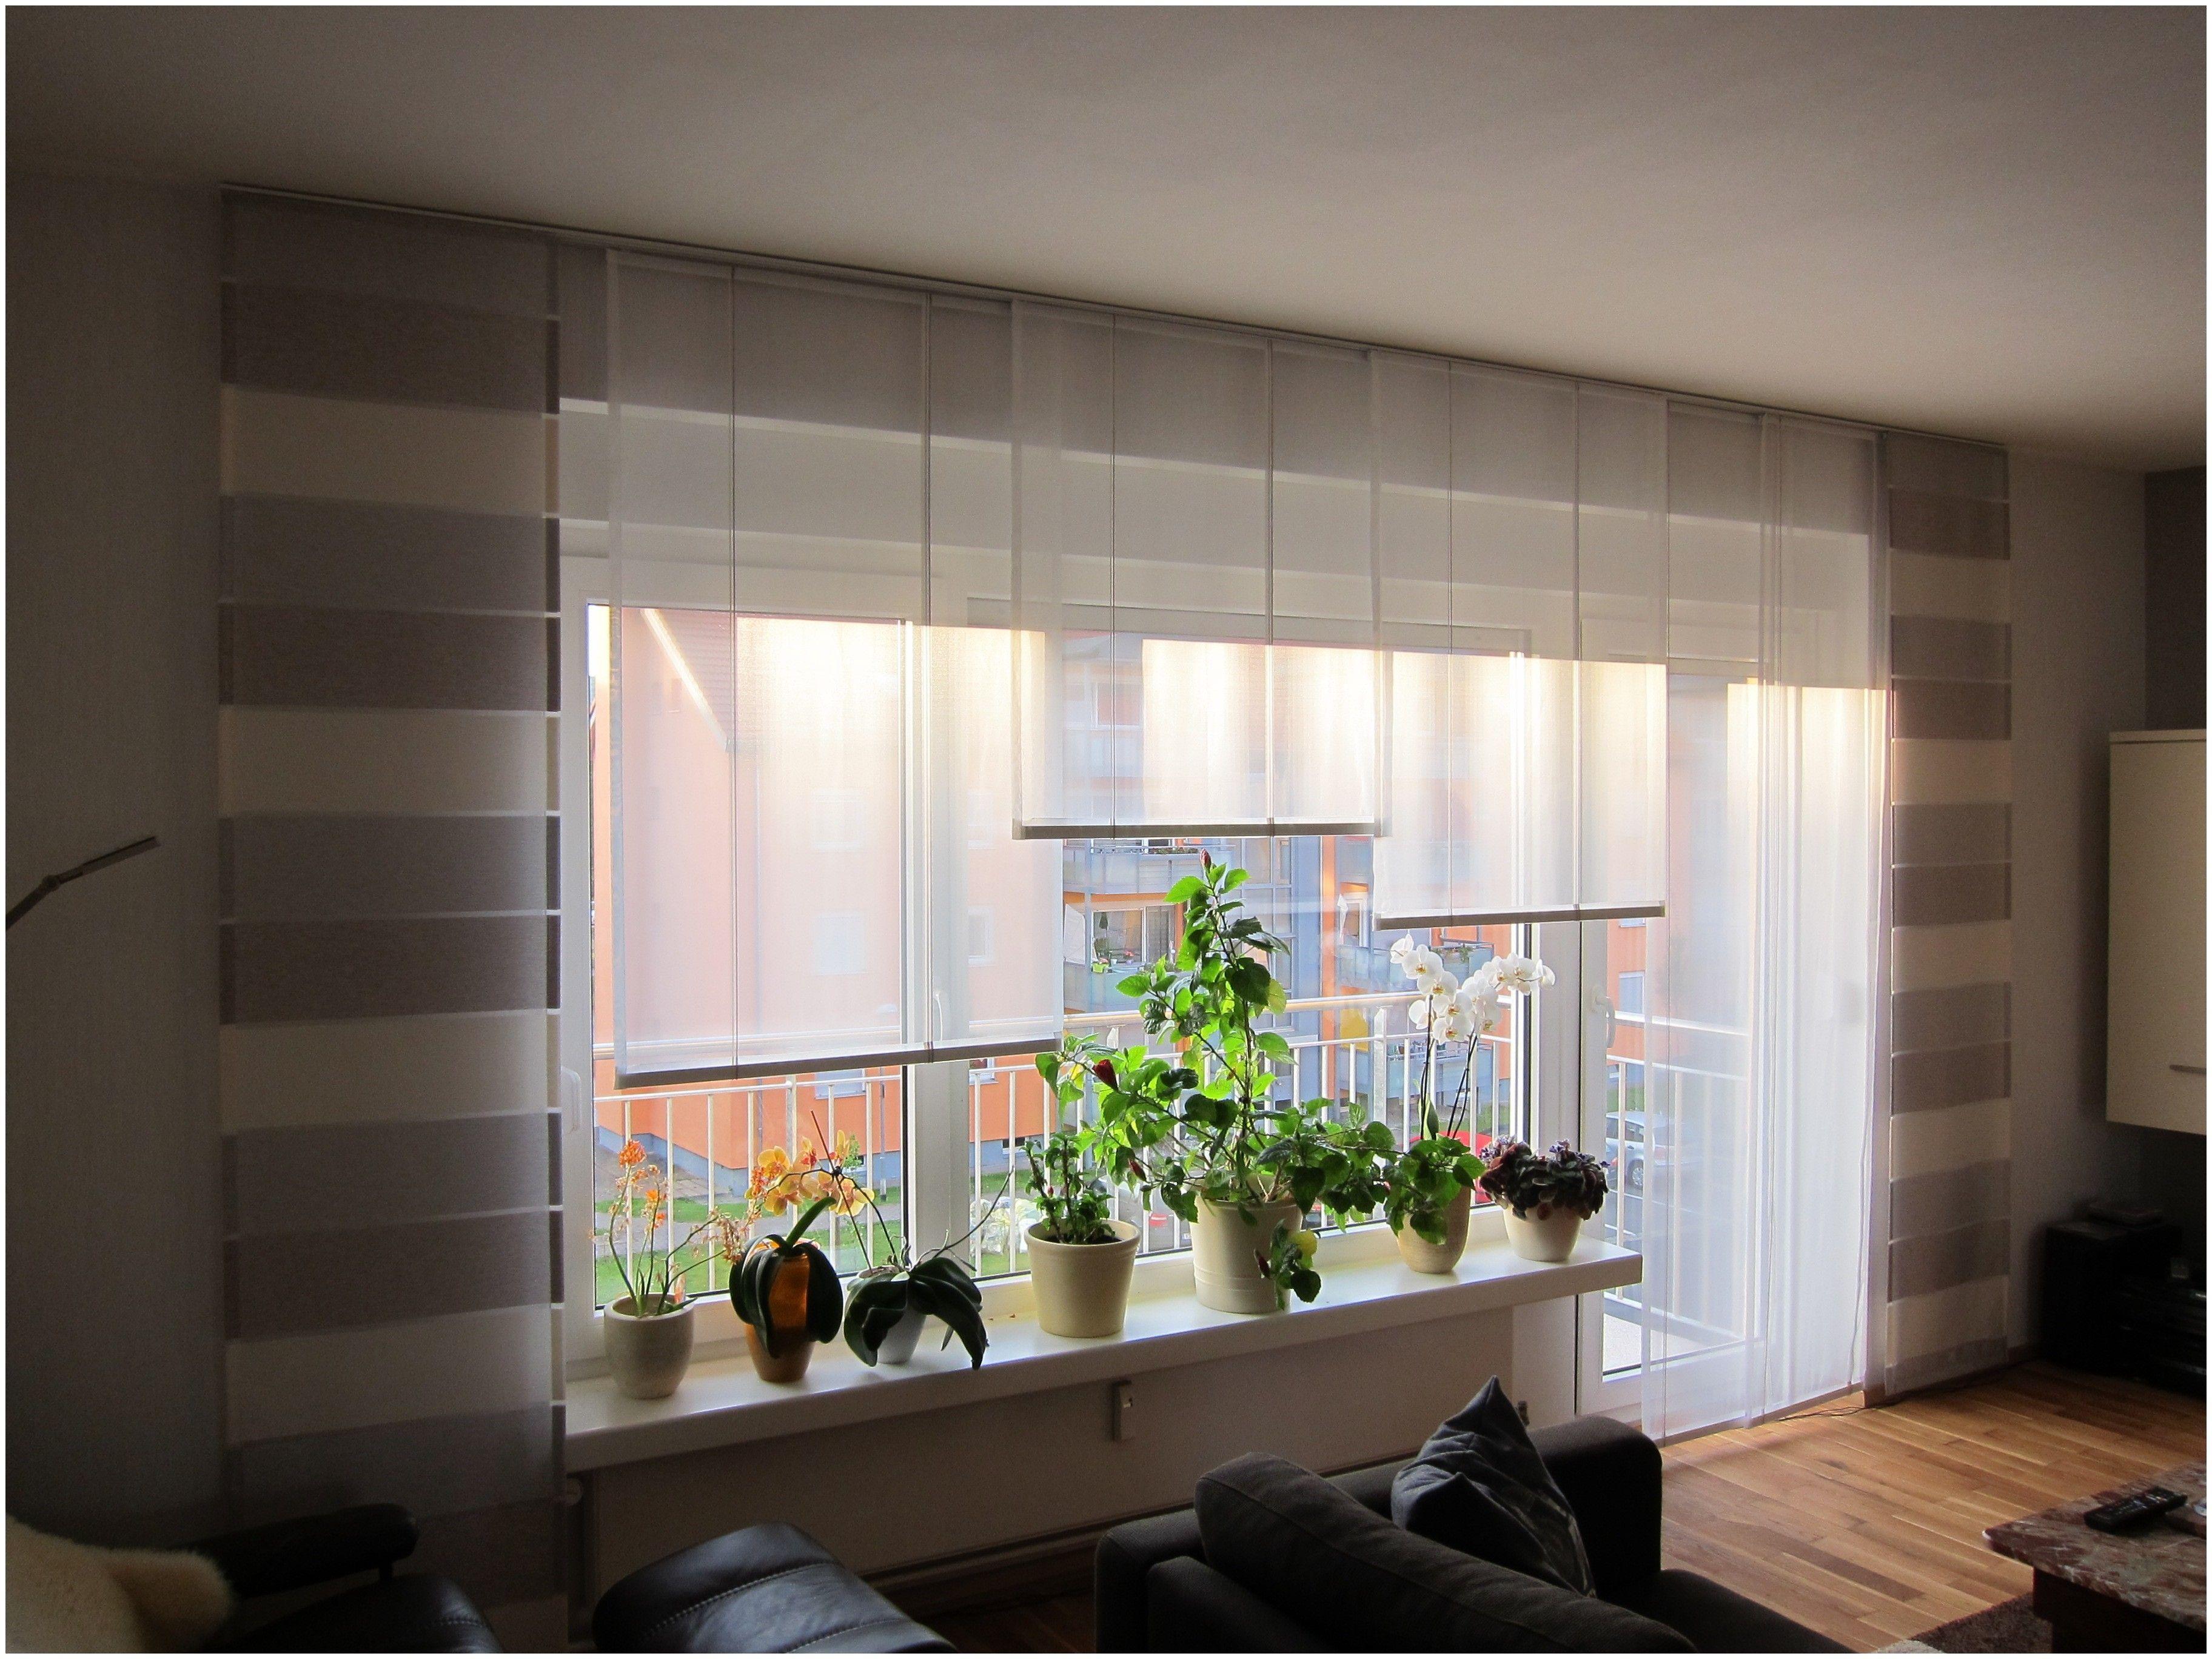 Heimkino schlafzimmer design-ideen gardinen wohnzimmerfenster und balkontür  ideen für jugendzimmer